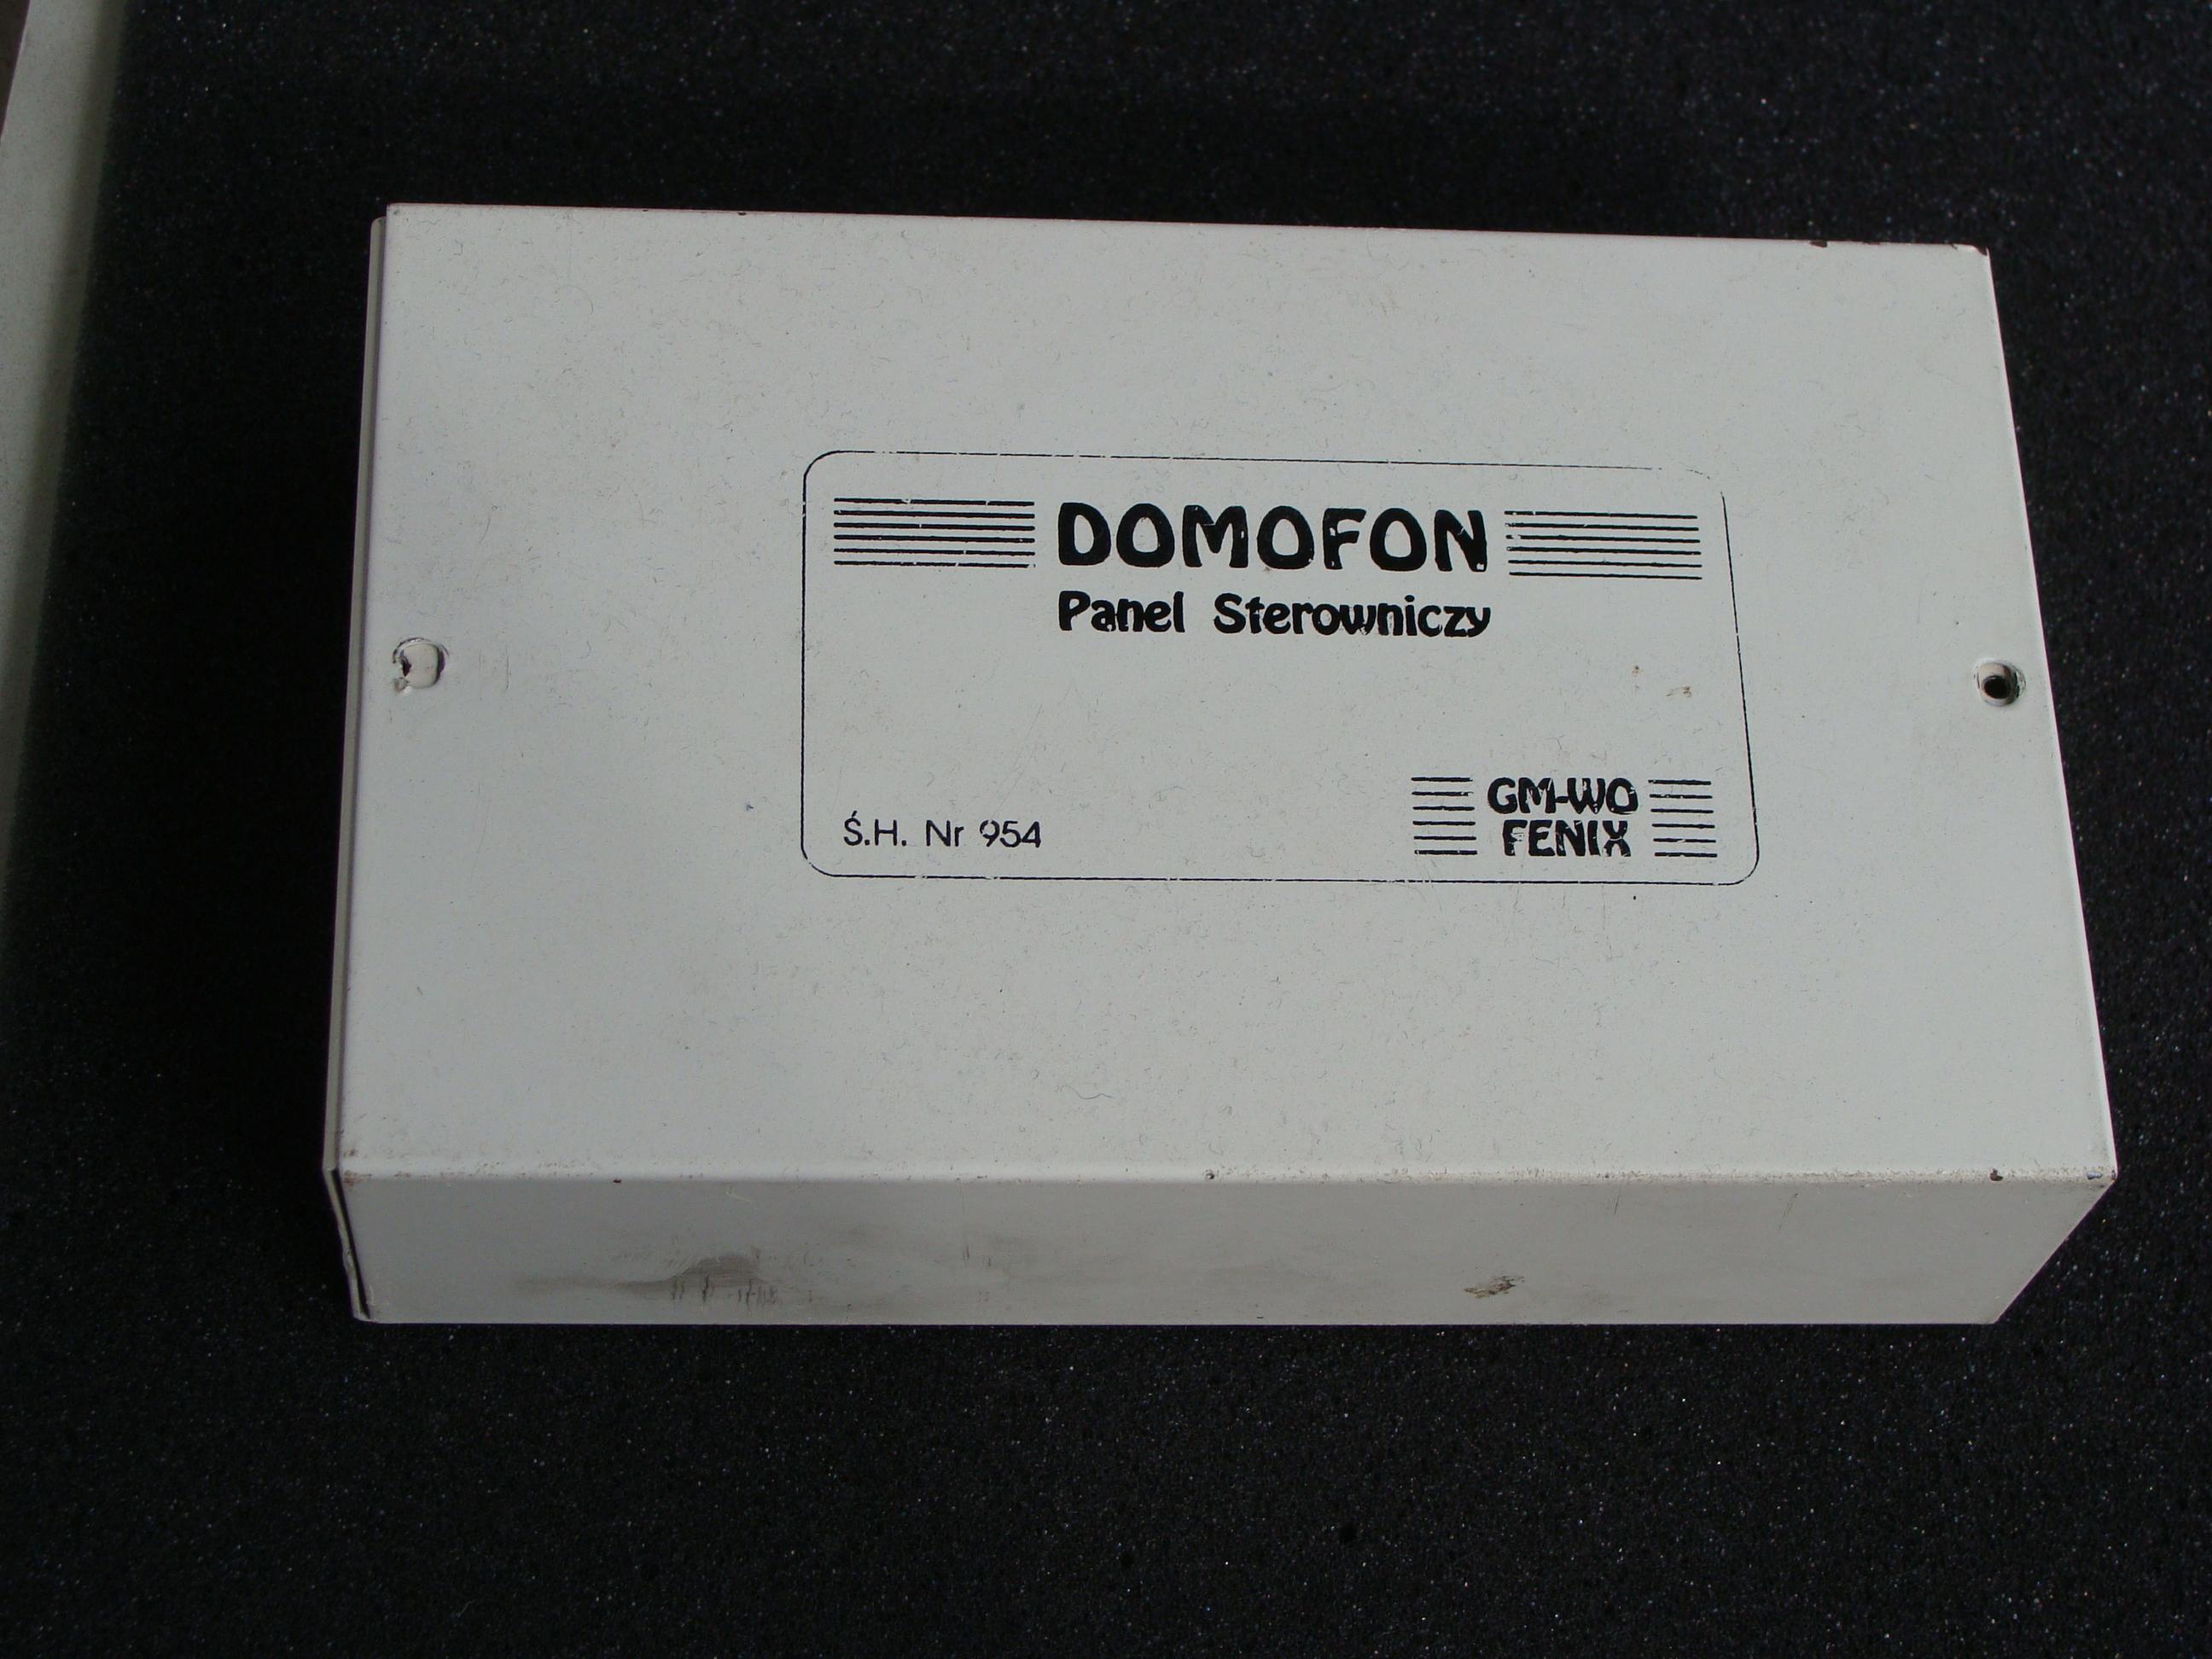 Domofon GM-WO FENIX- jak pod��czy� panel sterowania?